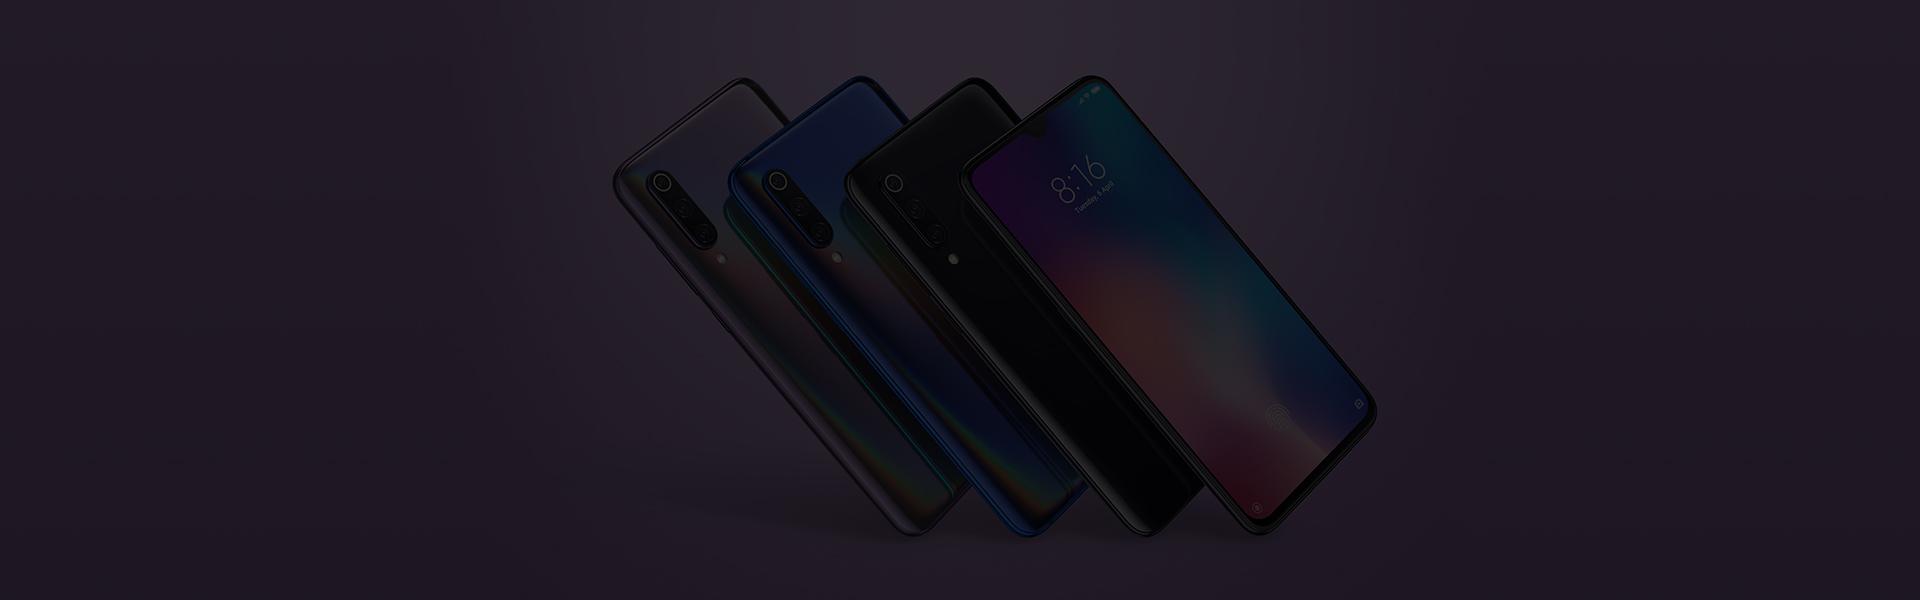 TOP 5 điểm ấn tượng với Xiaomi Mi 9 chính hãng